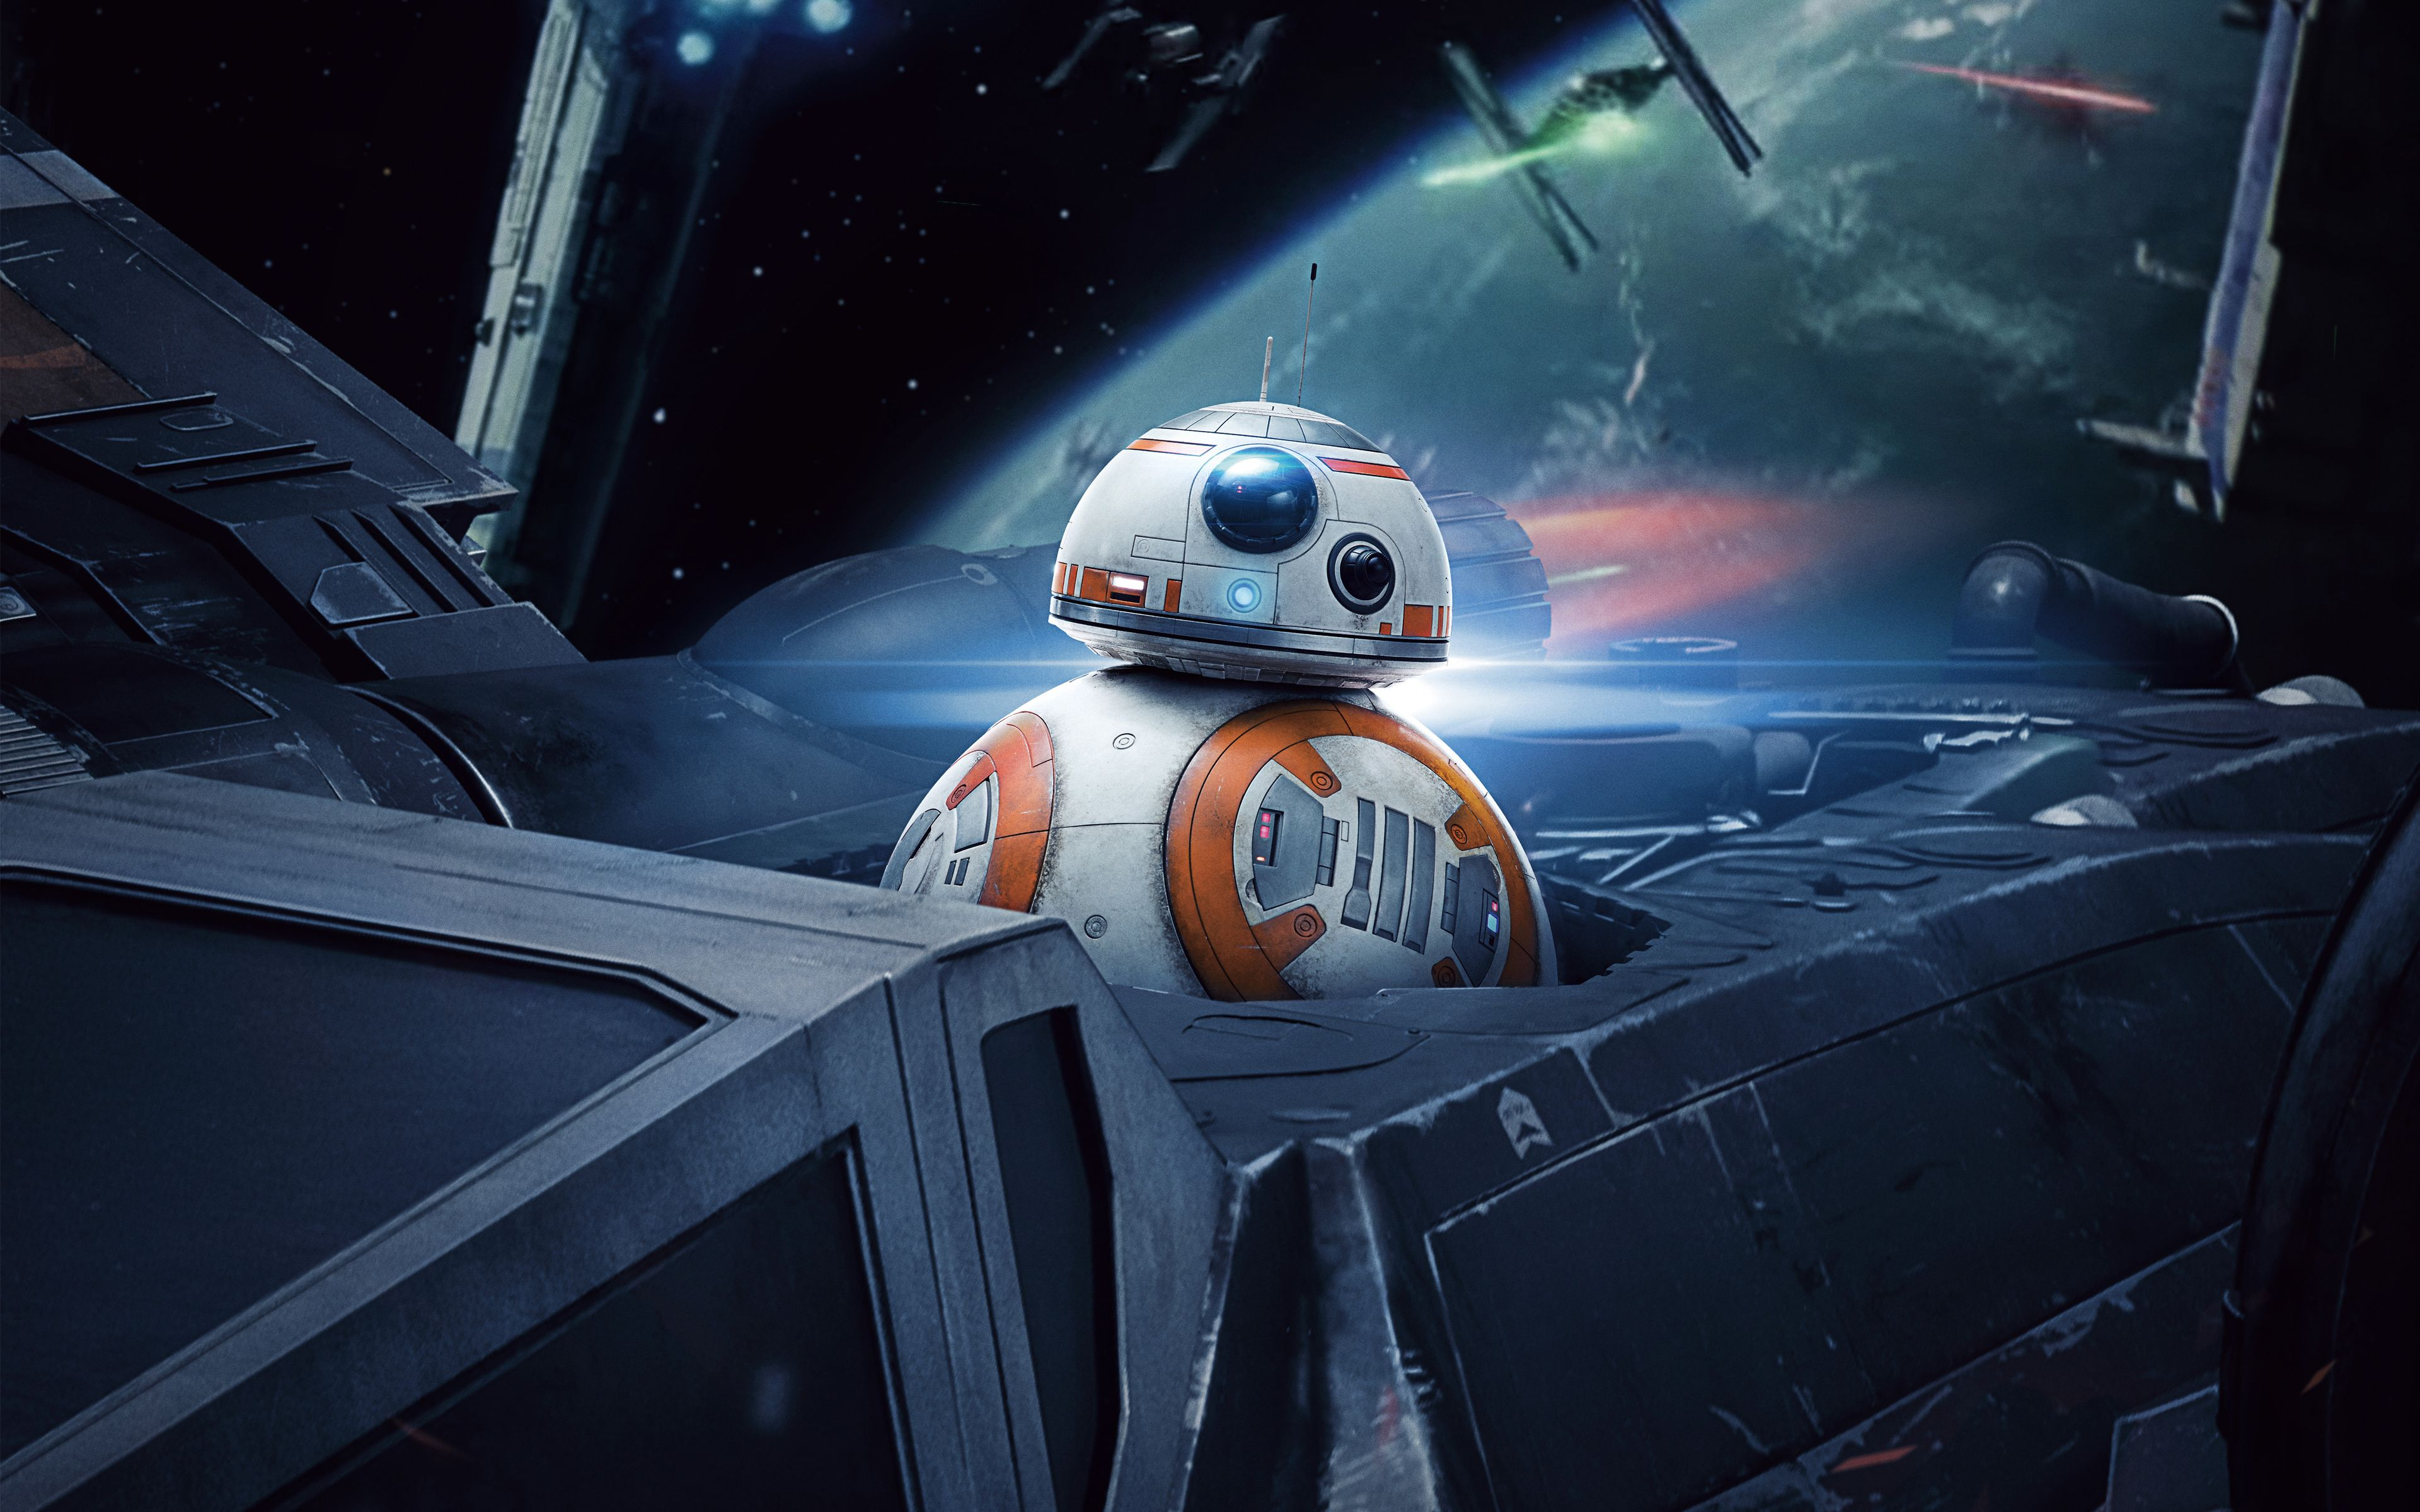 Bb 8 In Star Wars The Last Jedi 4k Star Wars Hintergrundbild Bb8 Star Wars Stormtrooper High resolution 4k wallpaper star wars